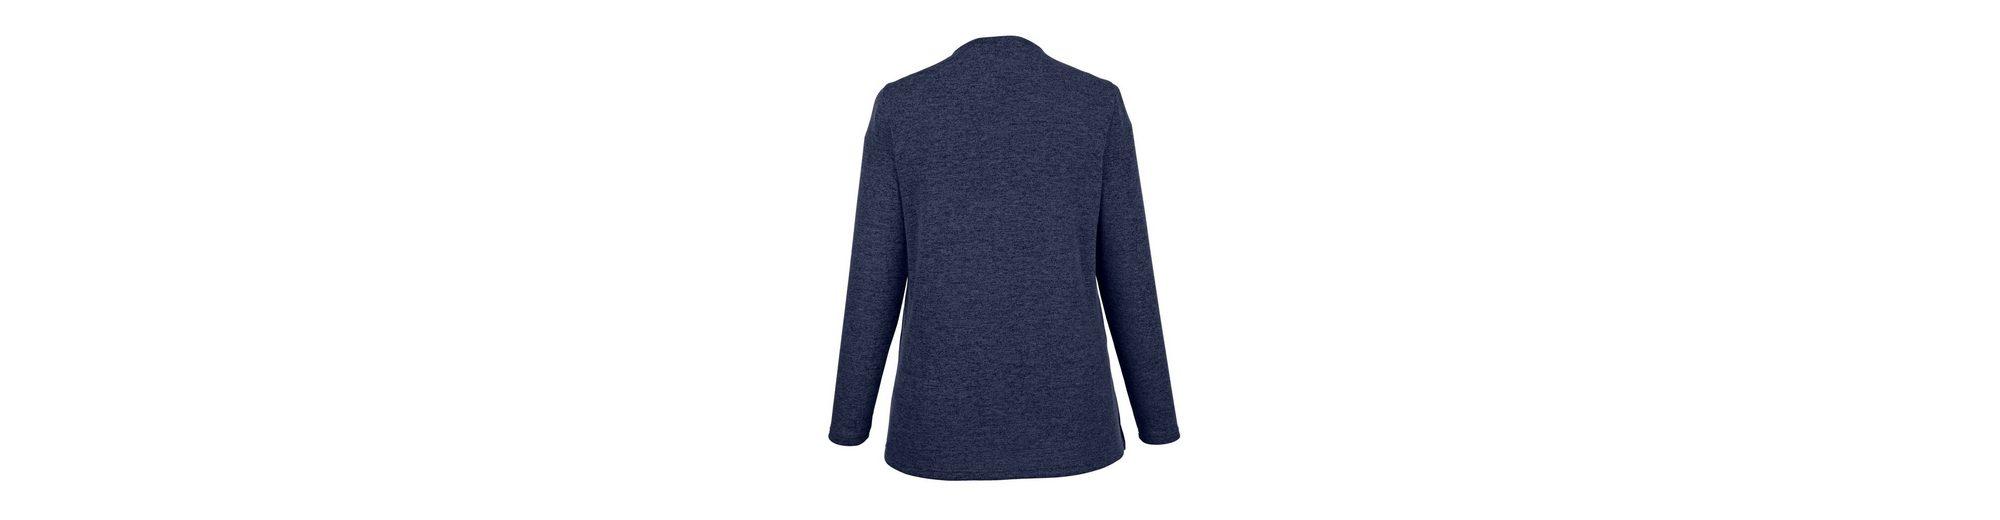 in in 2 1 bedrucktem MIAMODA vorne MIAMODA mit Einsatz 2 Shirt 1 Shirt wZU6U4